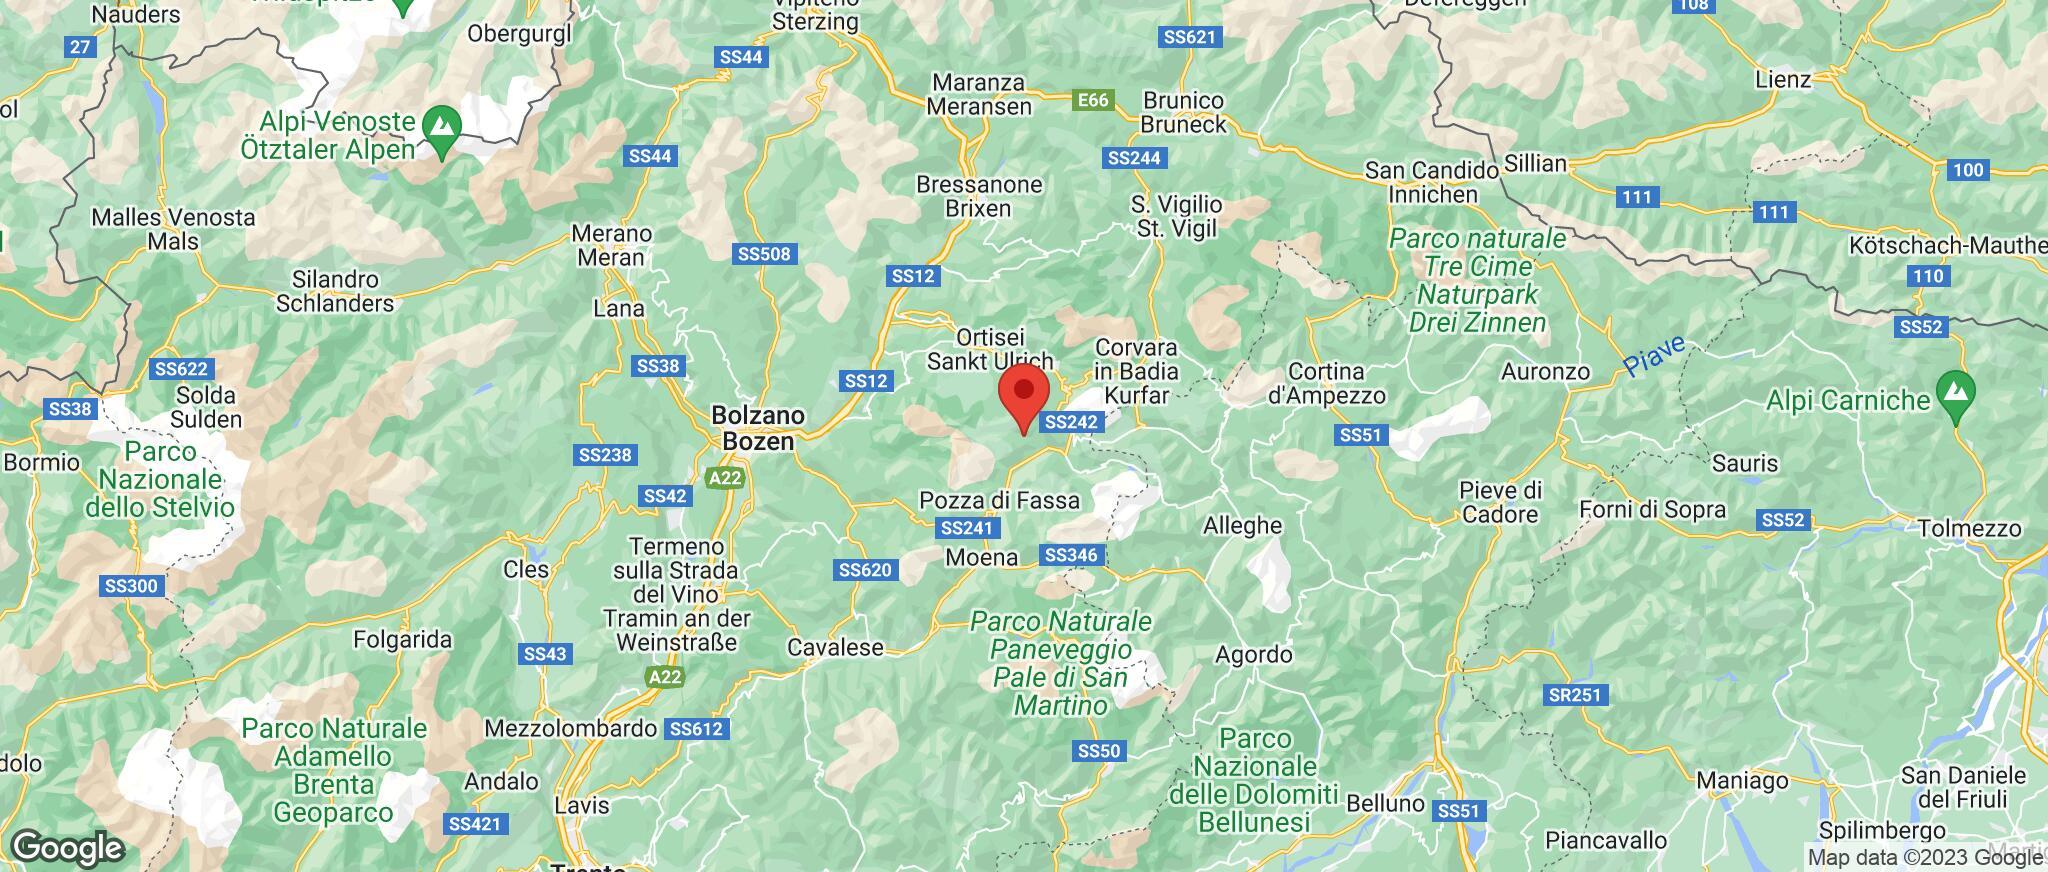 Map showing the location of Campitello Di Fassa